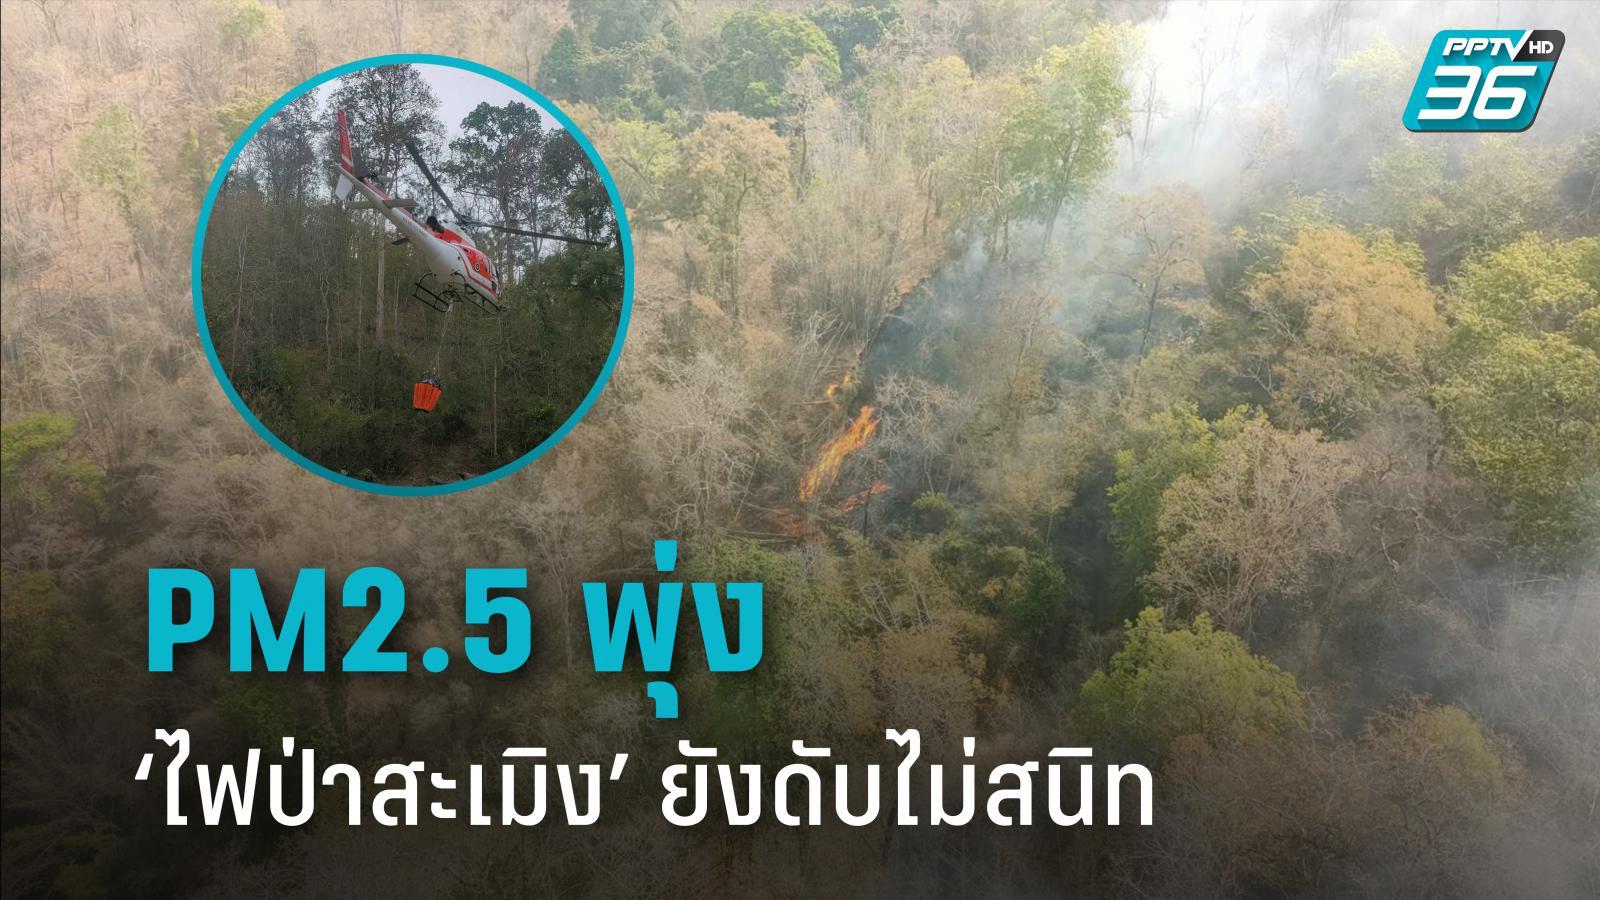 ไฟป่าสะเมิงยังดับไม่สนิท หลัง จนท.เร่งดับทั้งคืน เช้านี้ PM 2.5 พุ่ง